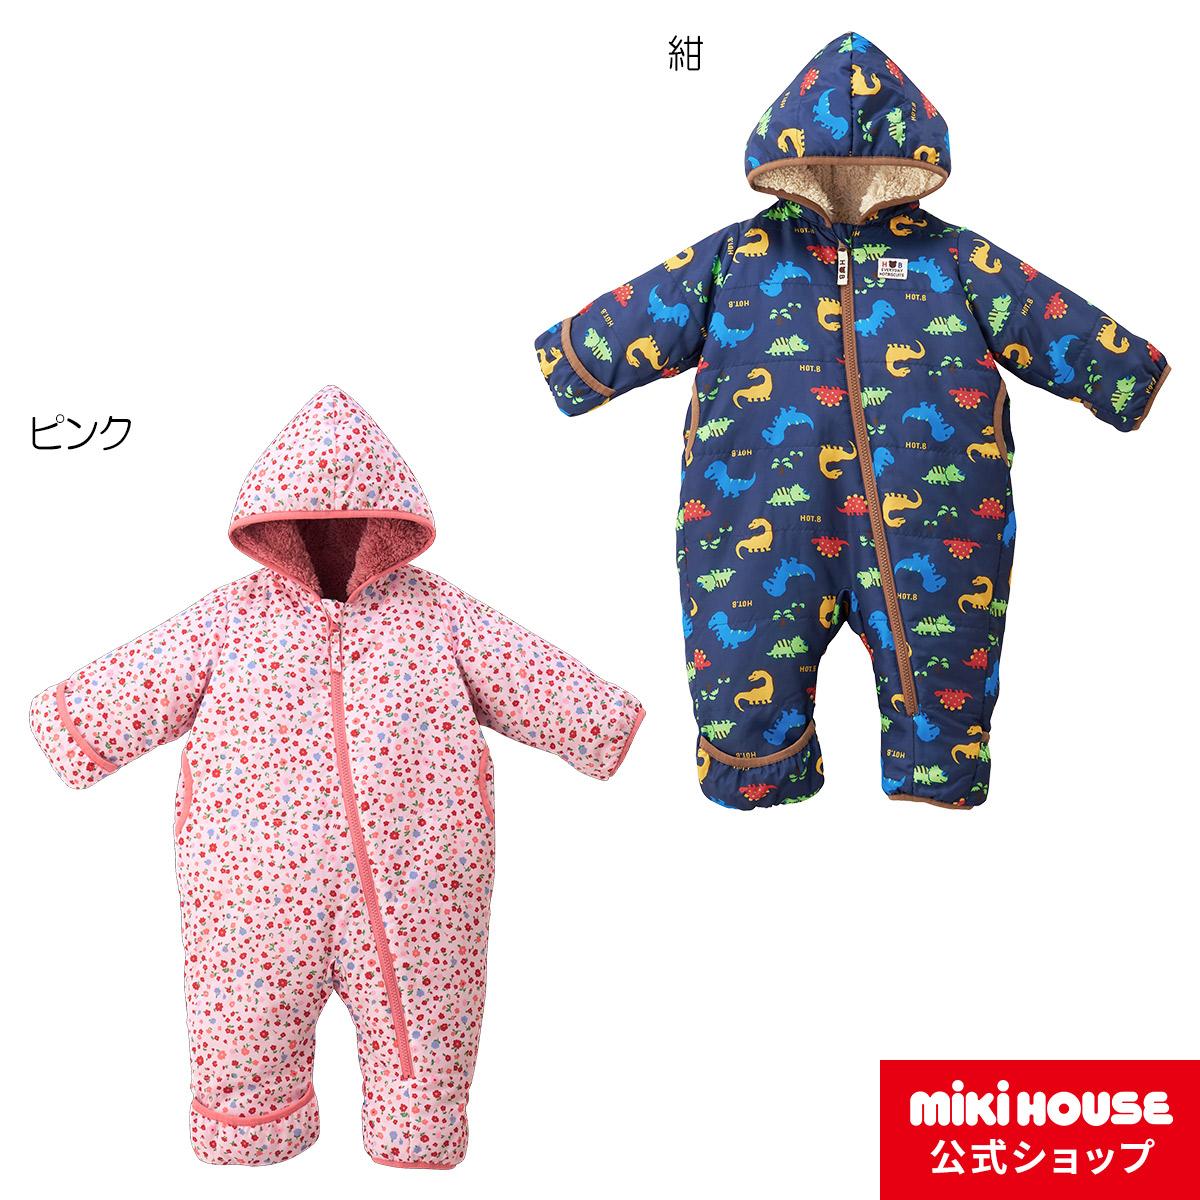 新着商品 ホットビスケッツ マント〈S-M(70cm-90cm)〉